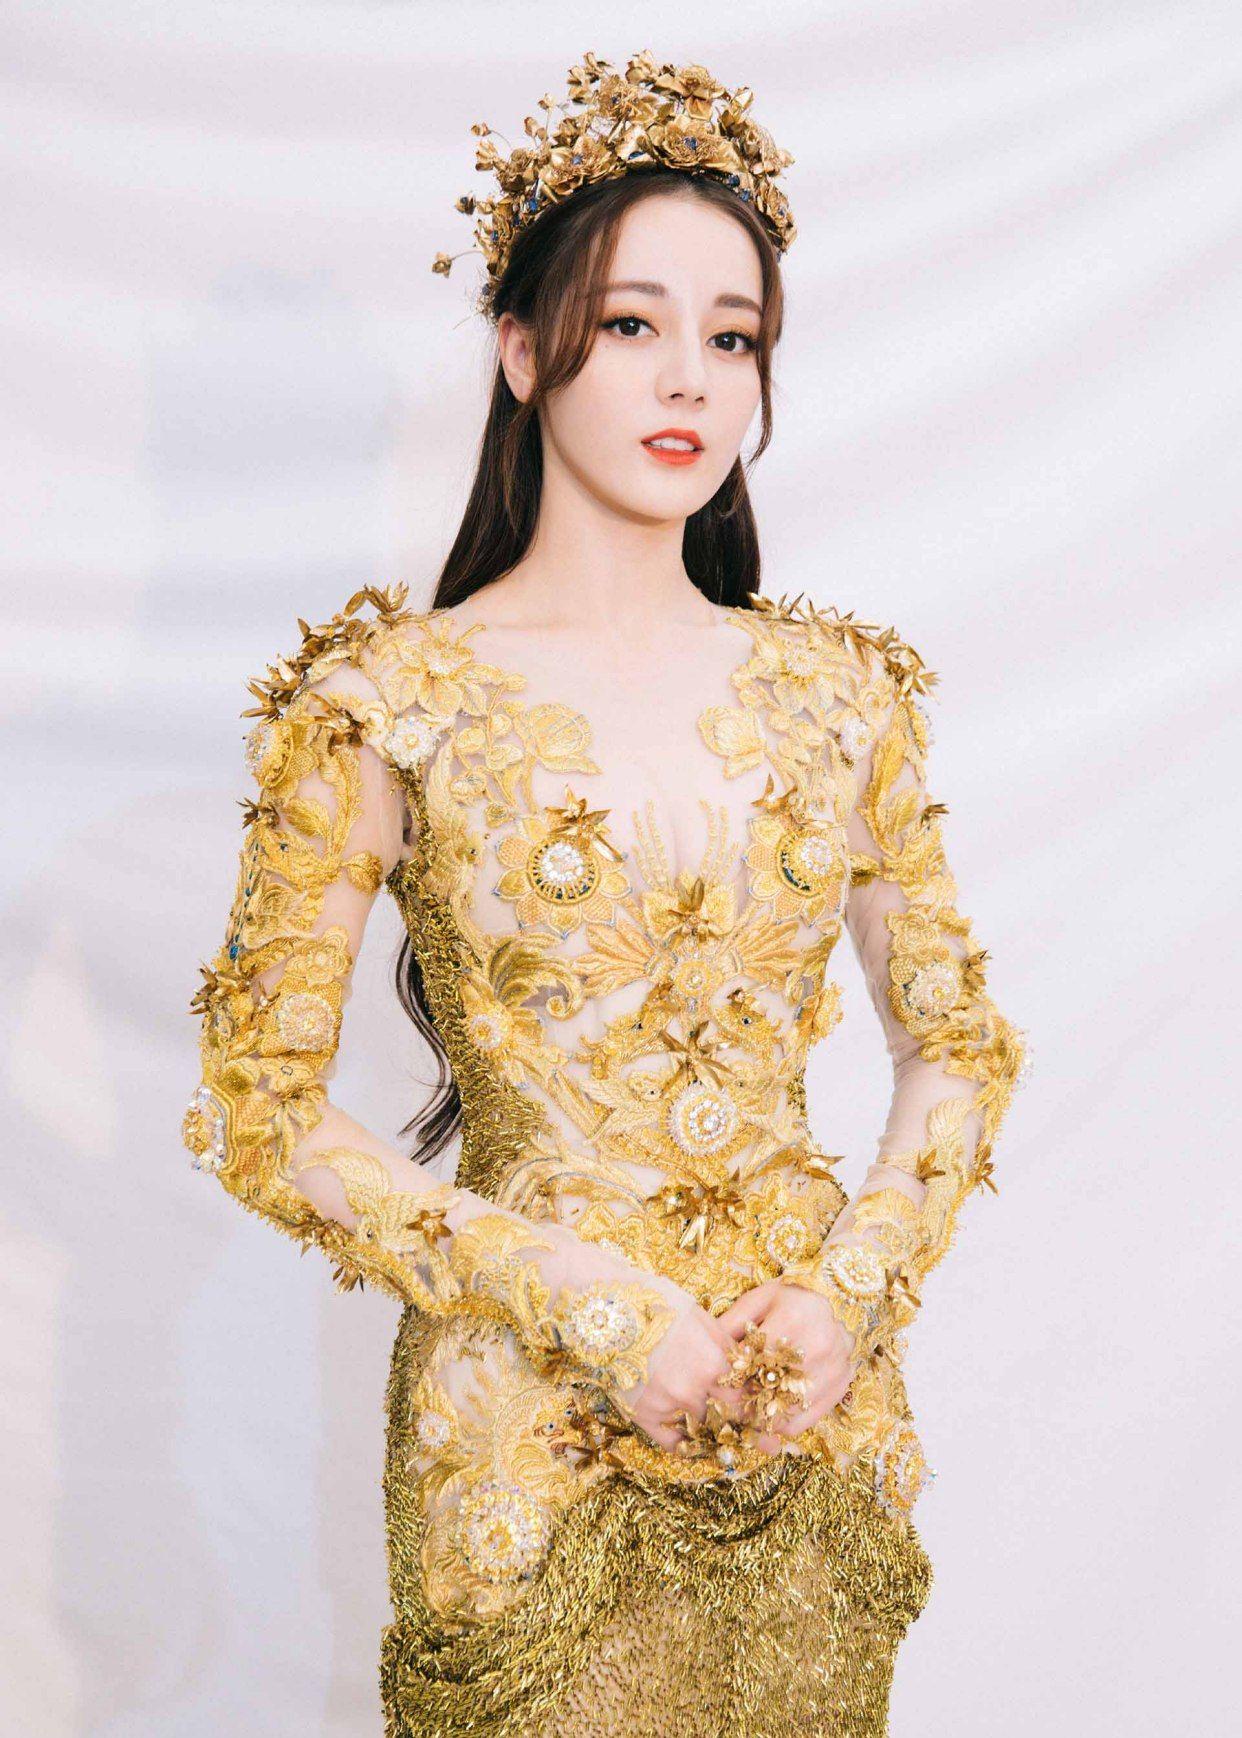 迪丽热巴很会穿搭,时尚造型尽显少女优势